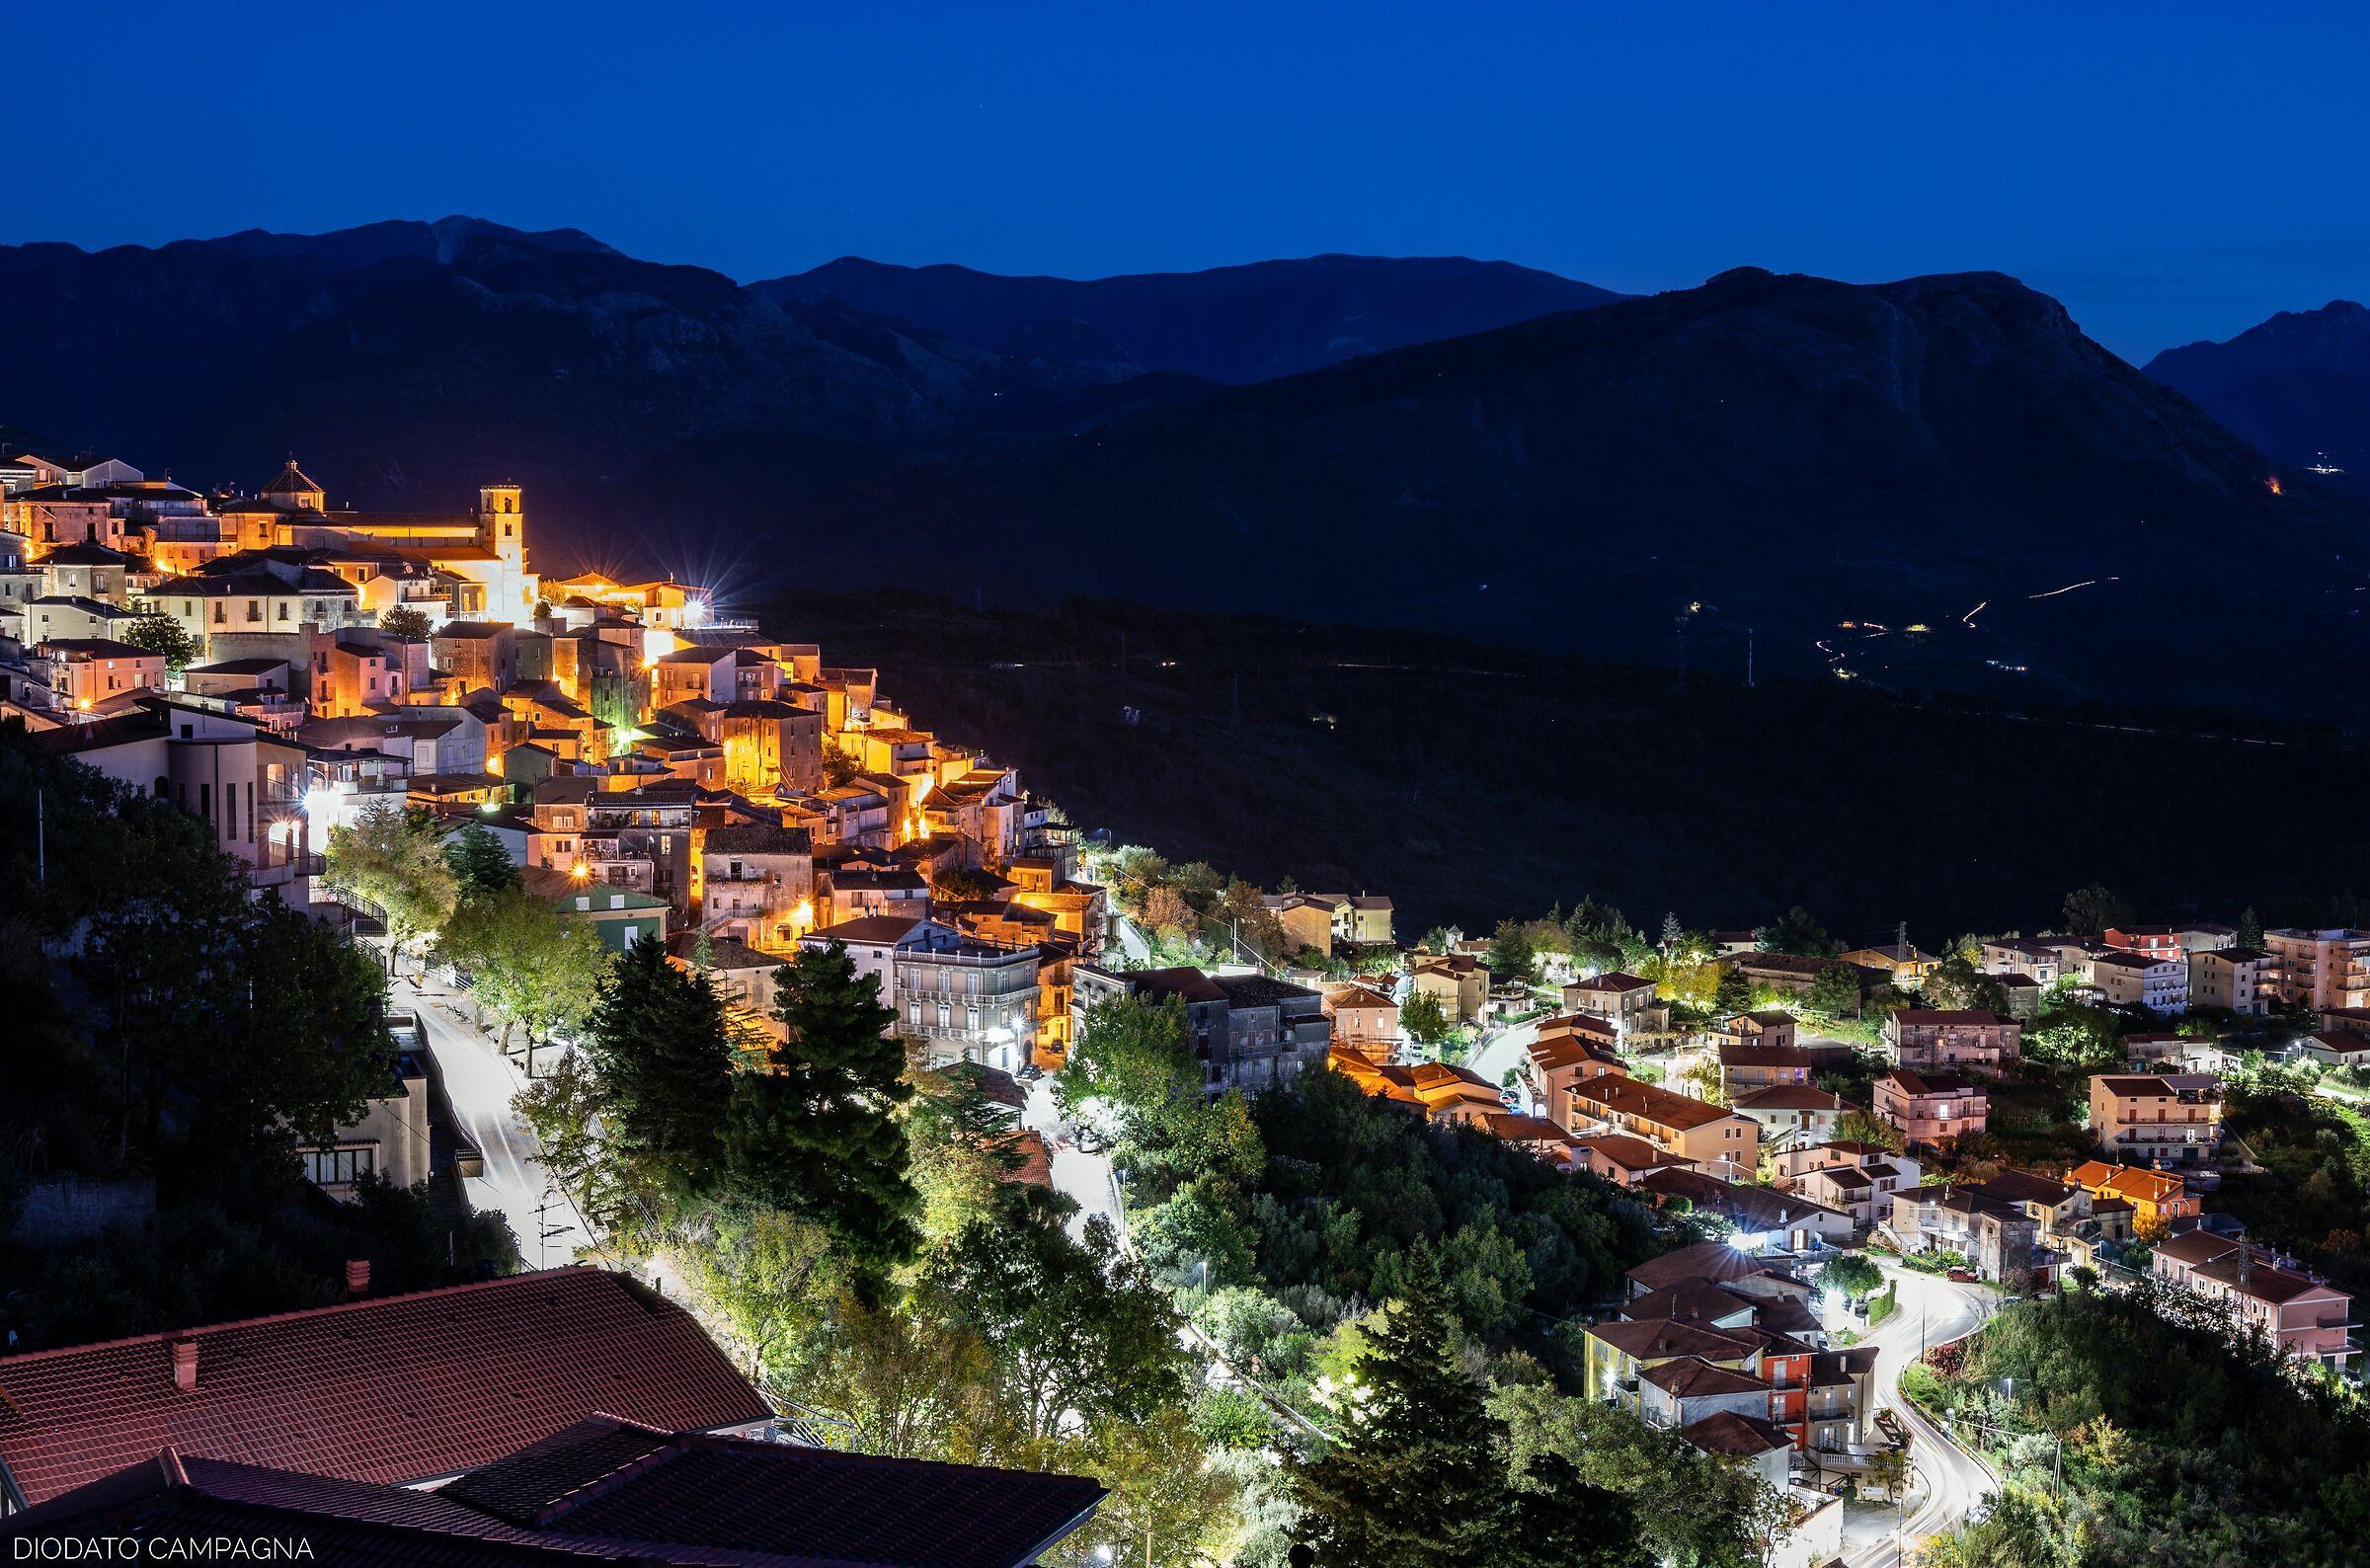 The Blue Hour at Santa Domenica Talao...